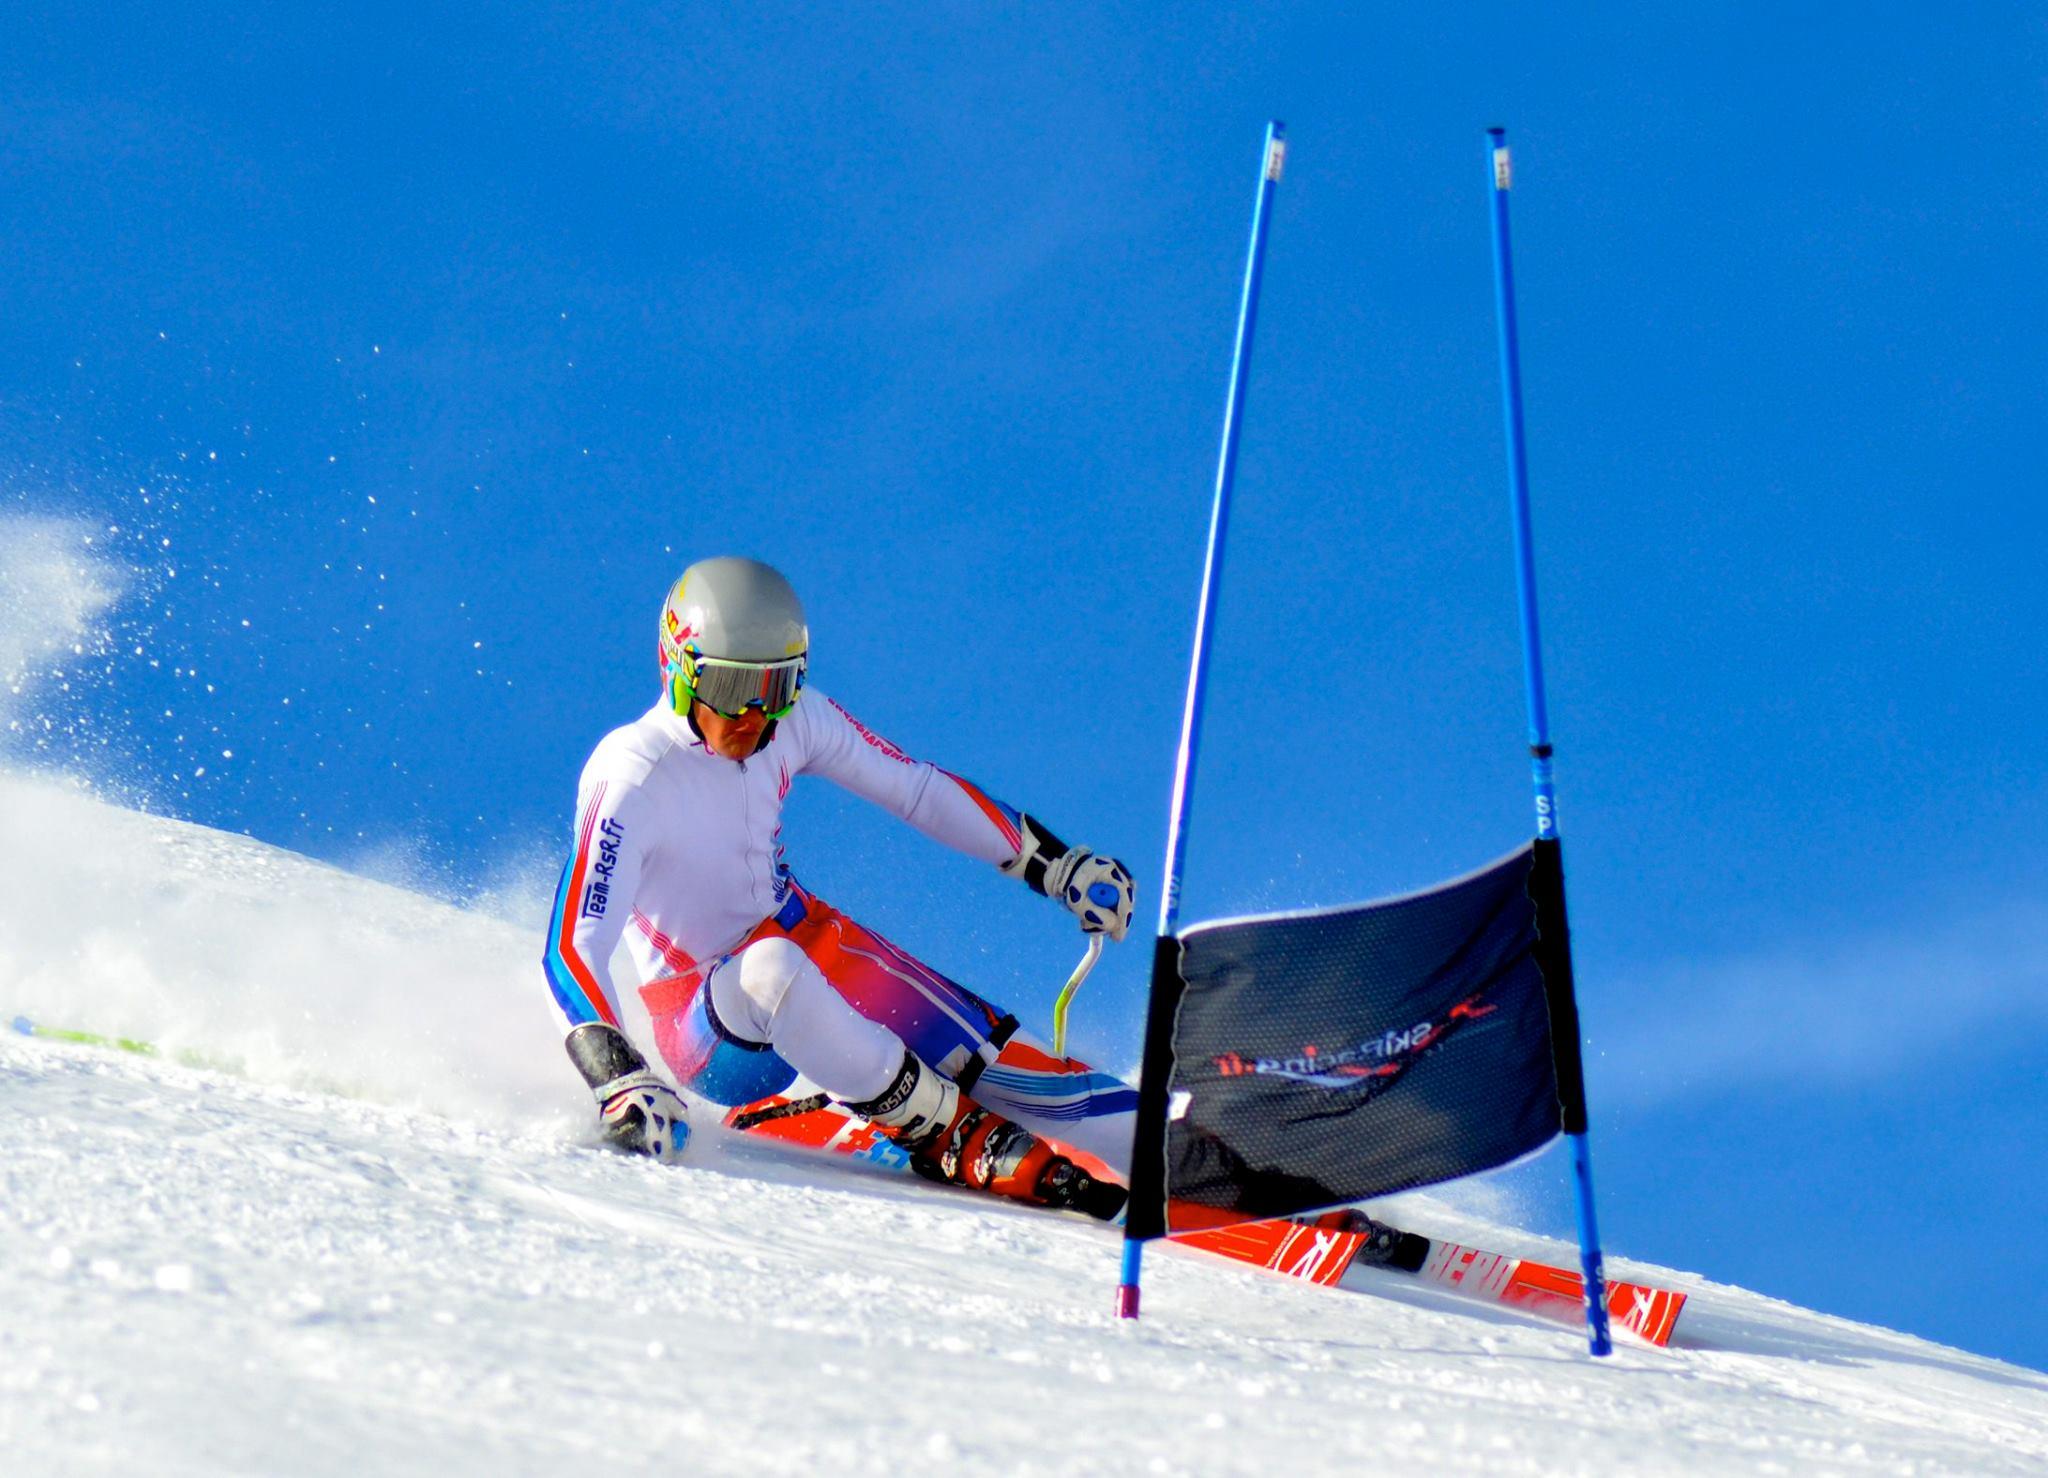 Racing Ski for Race